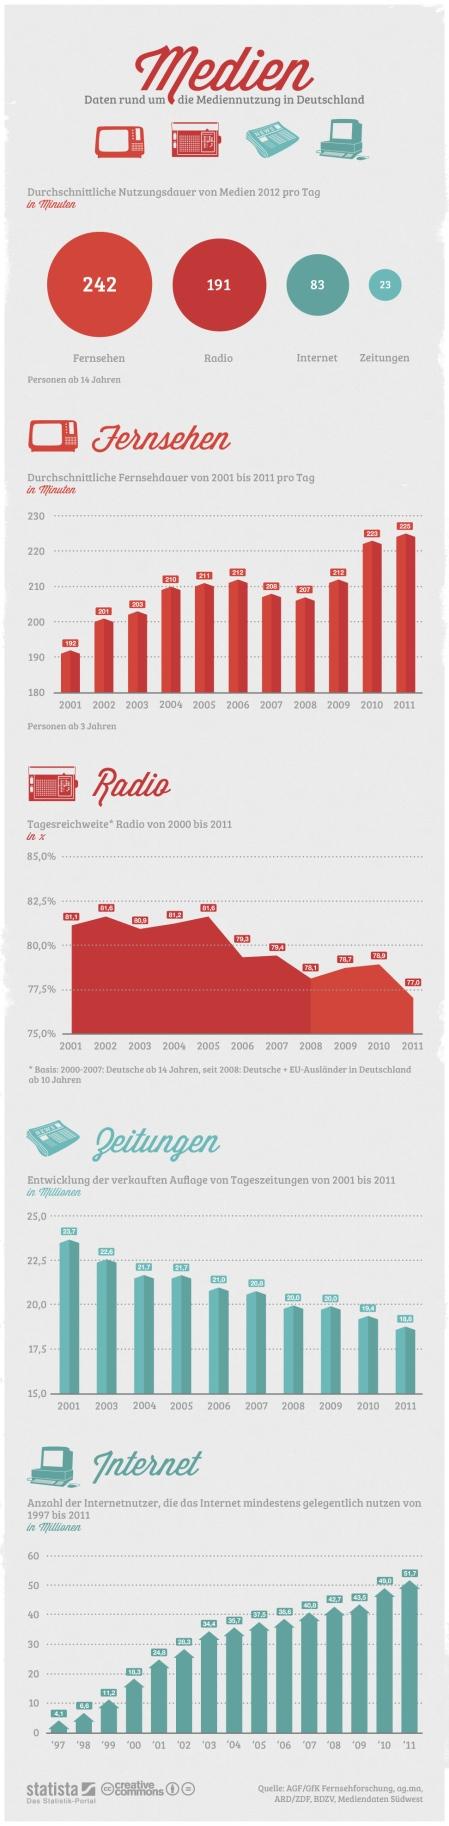 Infografik: Mediennutzung in Deutschland 2012